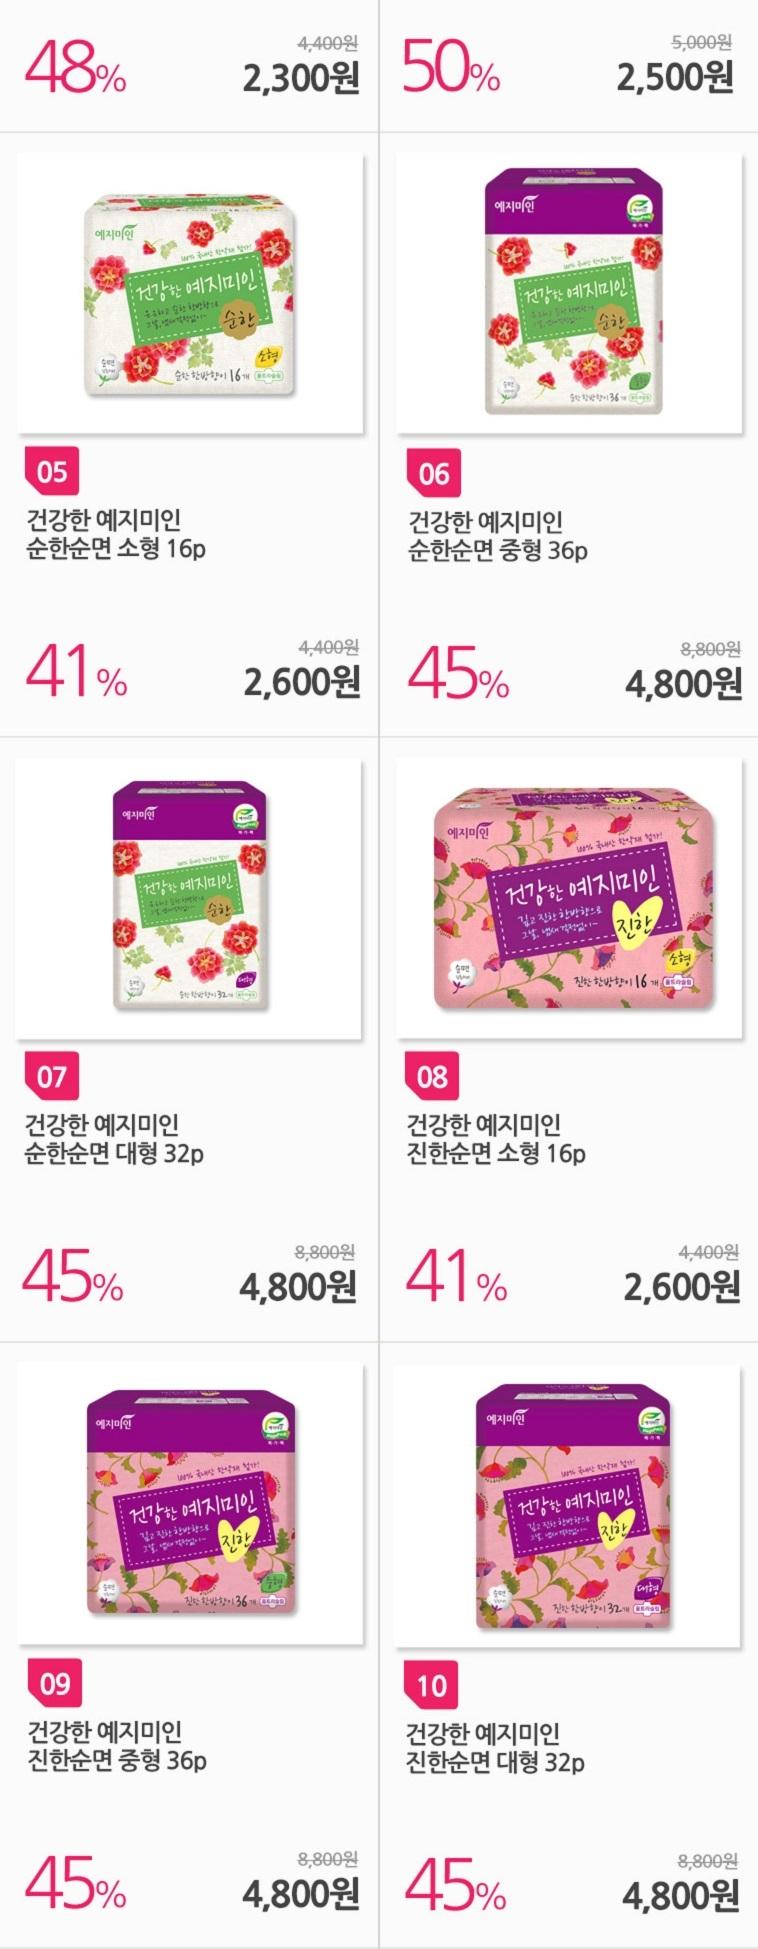 예지미인 생리대 라이너 20p - 상세정보